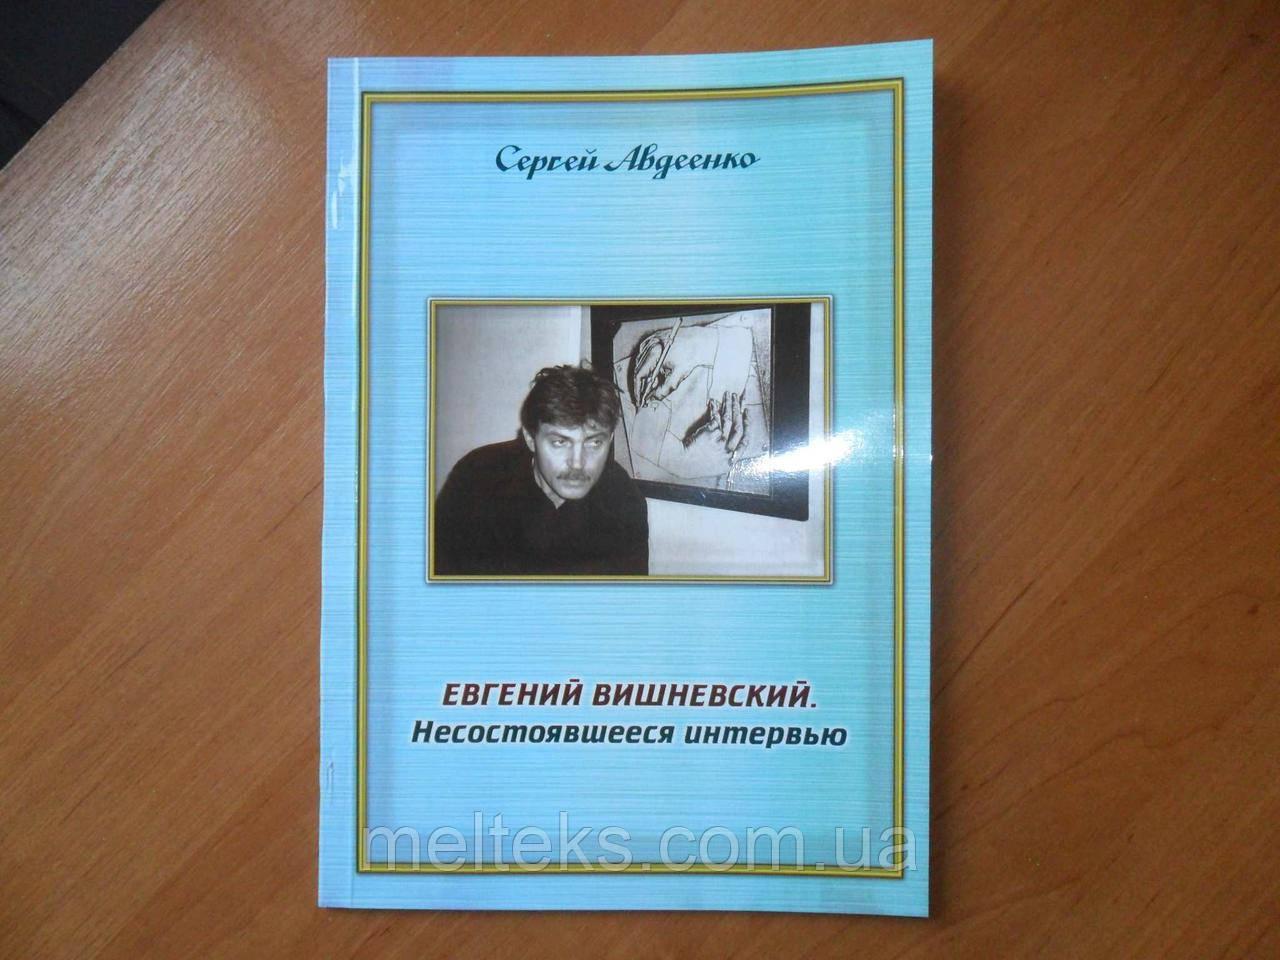 Евгений Вишневский. Несостоявшееся интервью (книга Сергея Авдеенко)